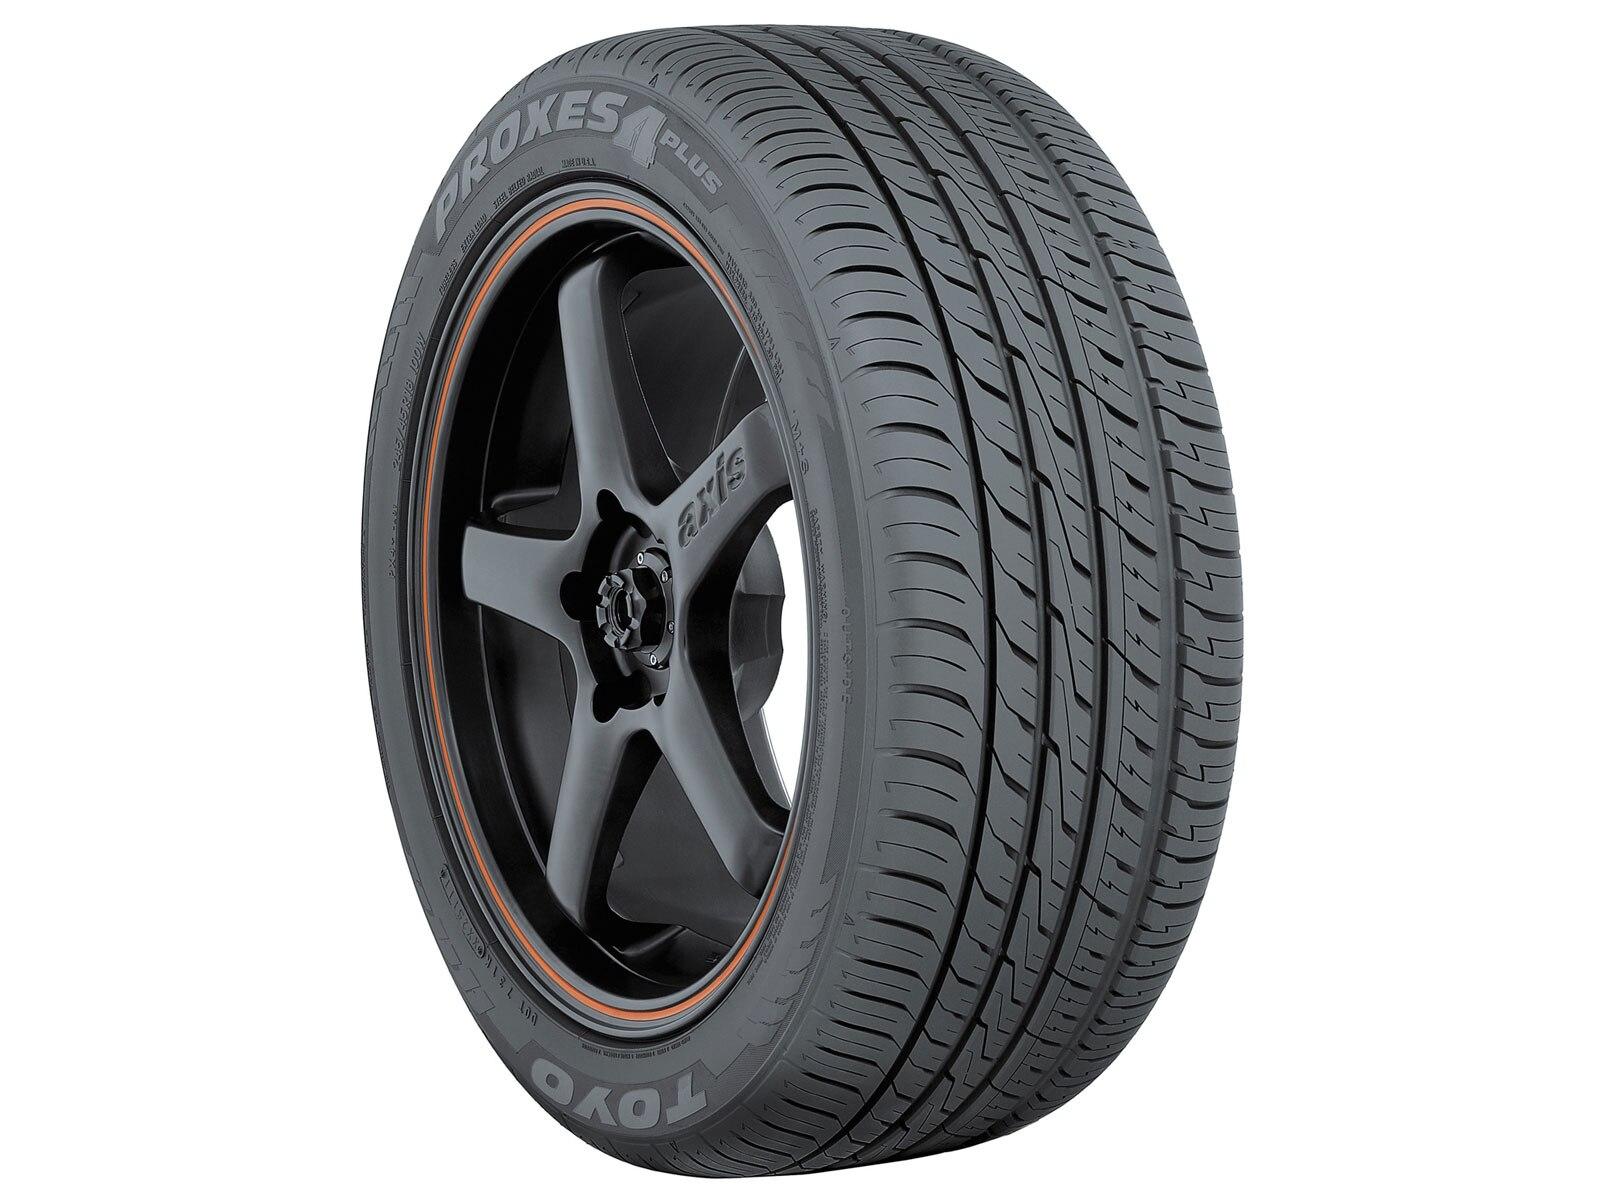 1302-lrmp-01-ps-proxes-4-plus-tires